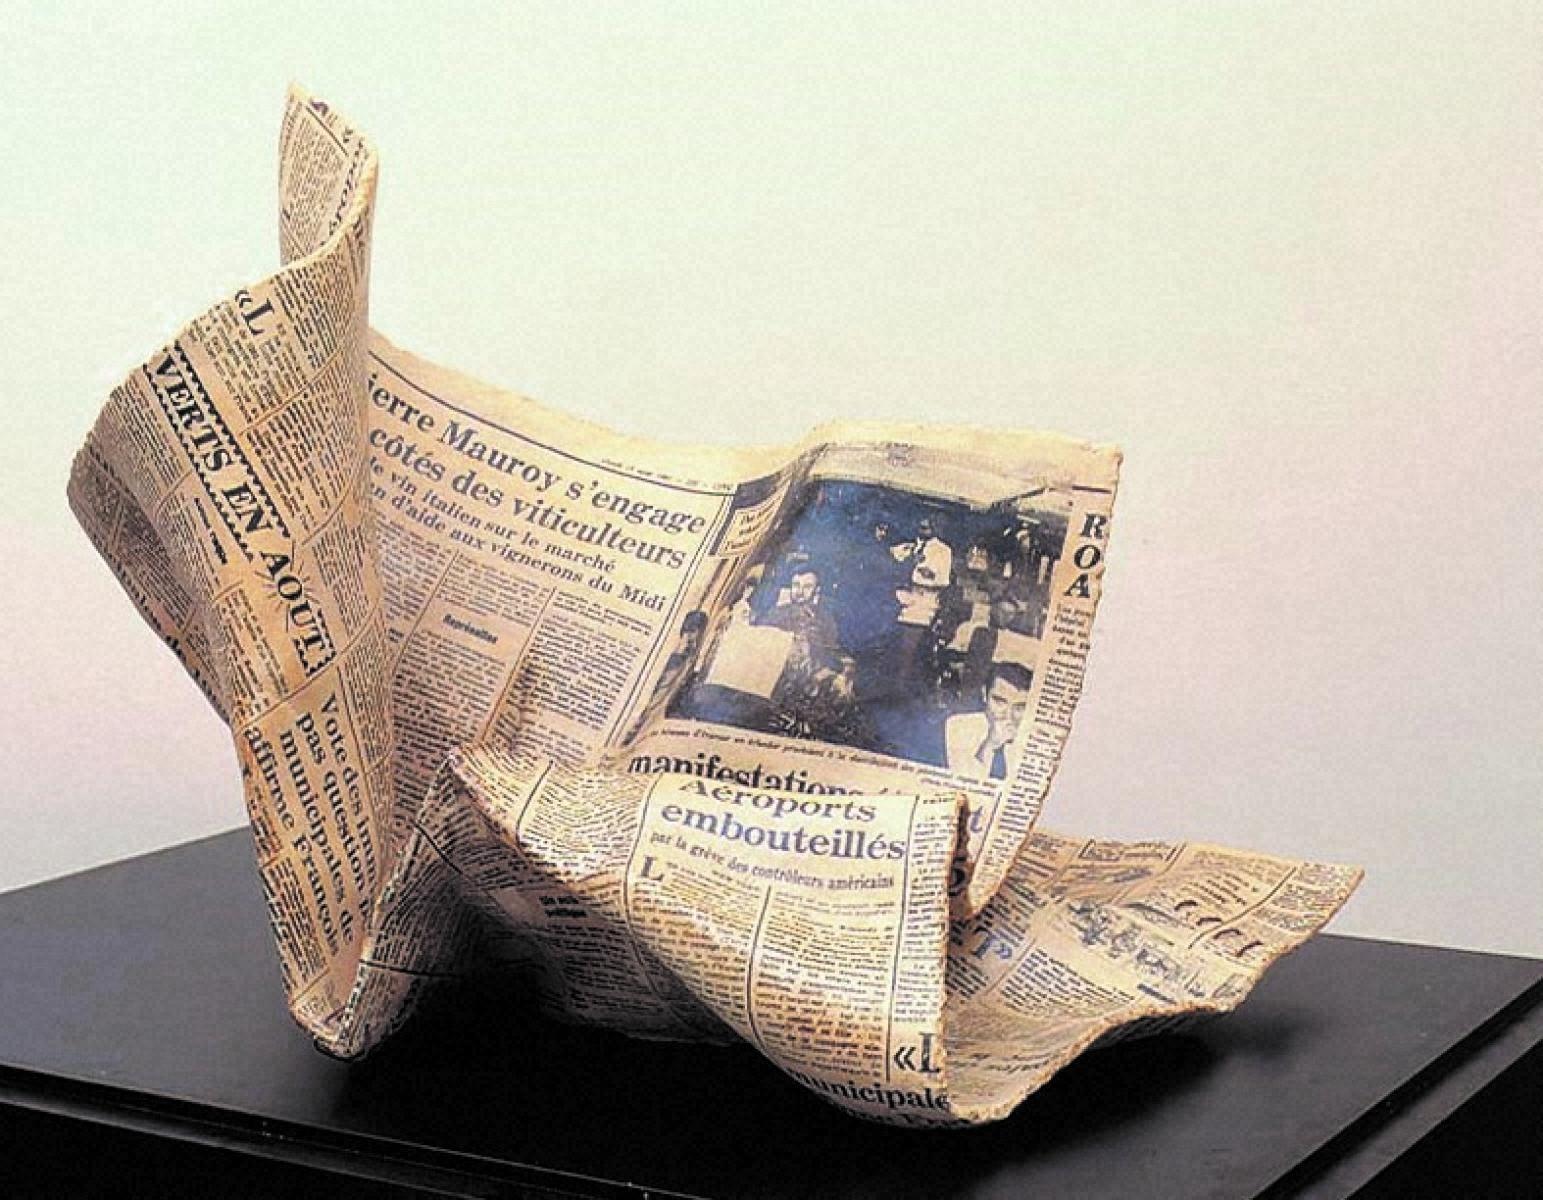 NEWS PAPER F-87